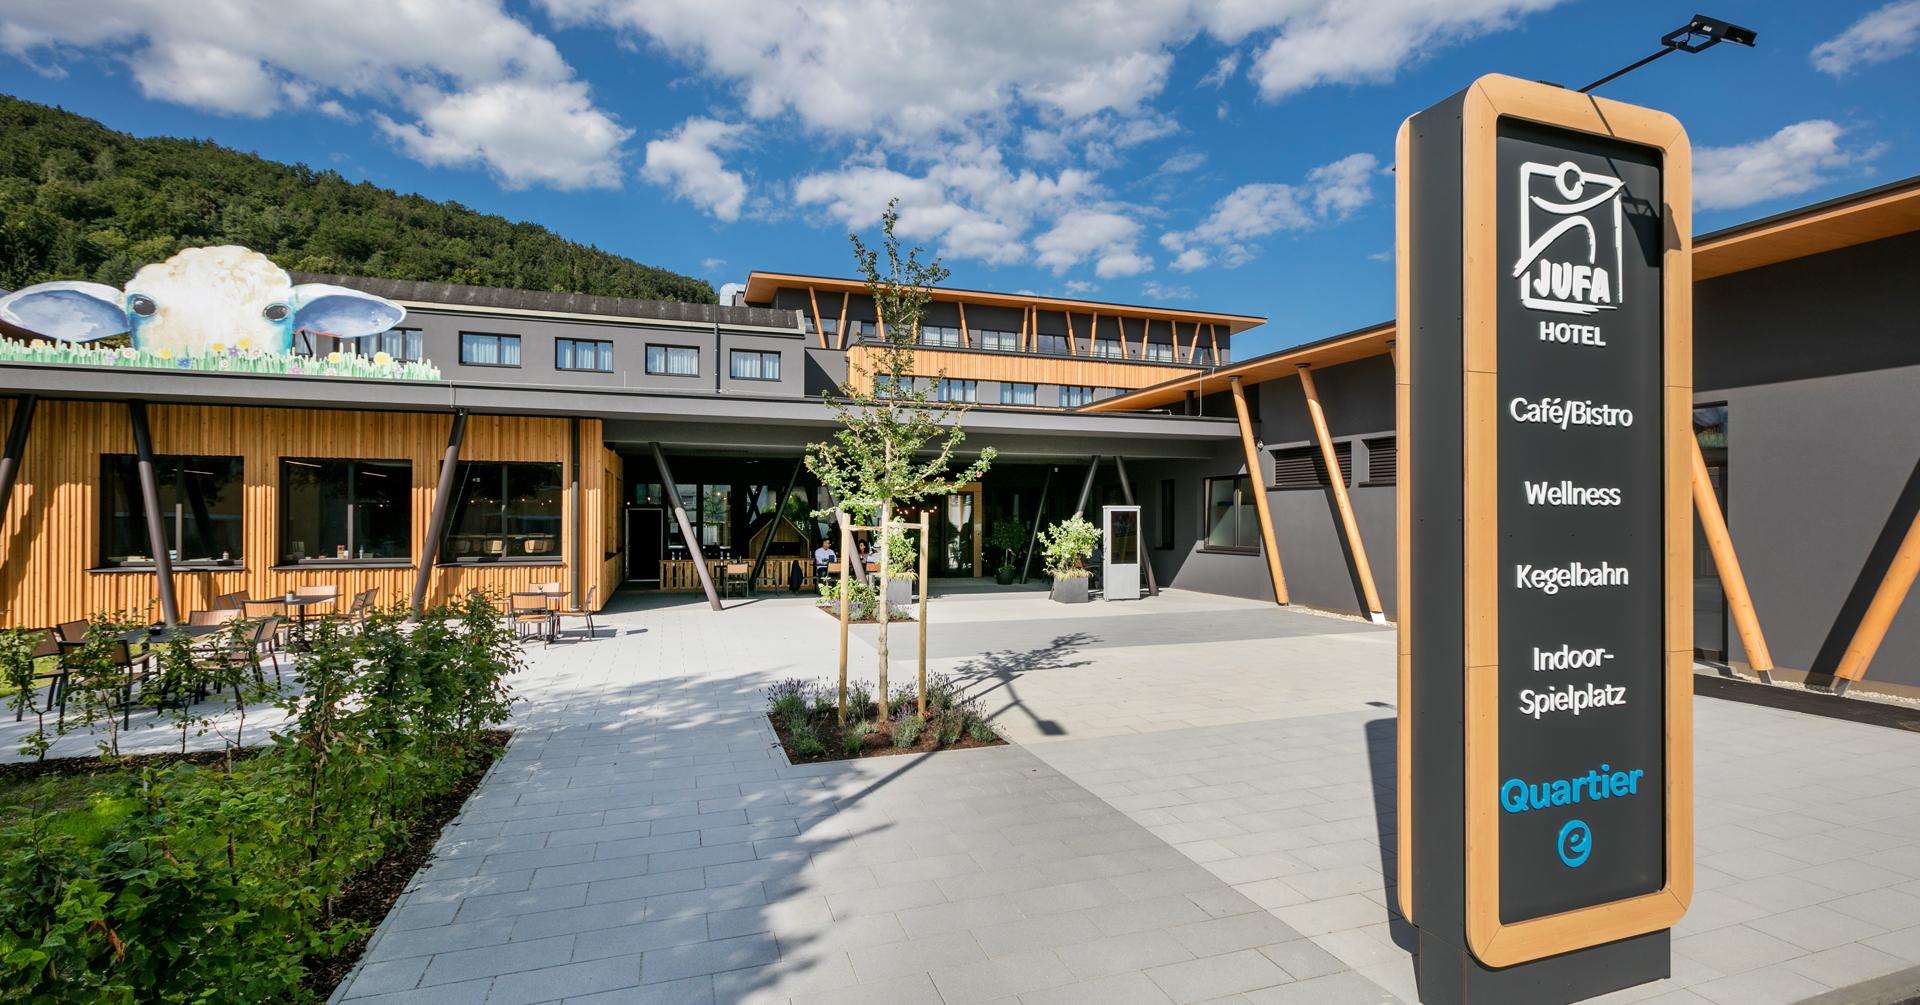 Sie sehen den ersten Eindruck des JUFA Hotel Weiz***s. Der Ort für kinderfreundlichen und erlebnisreichen Urlaub für die ganze Familie.